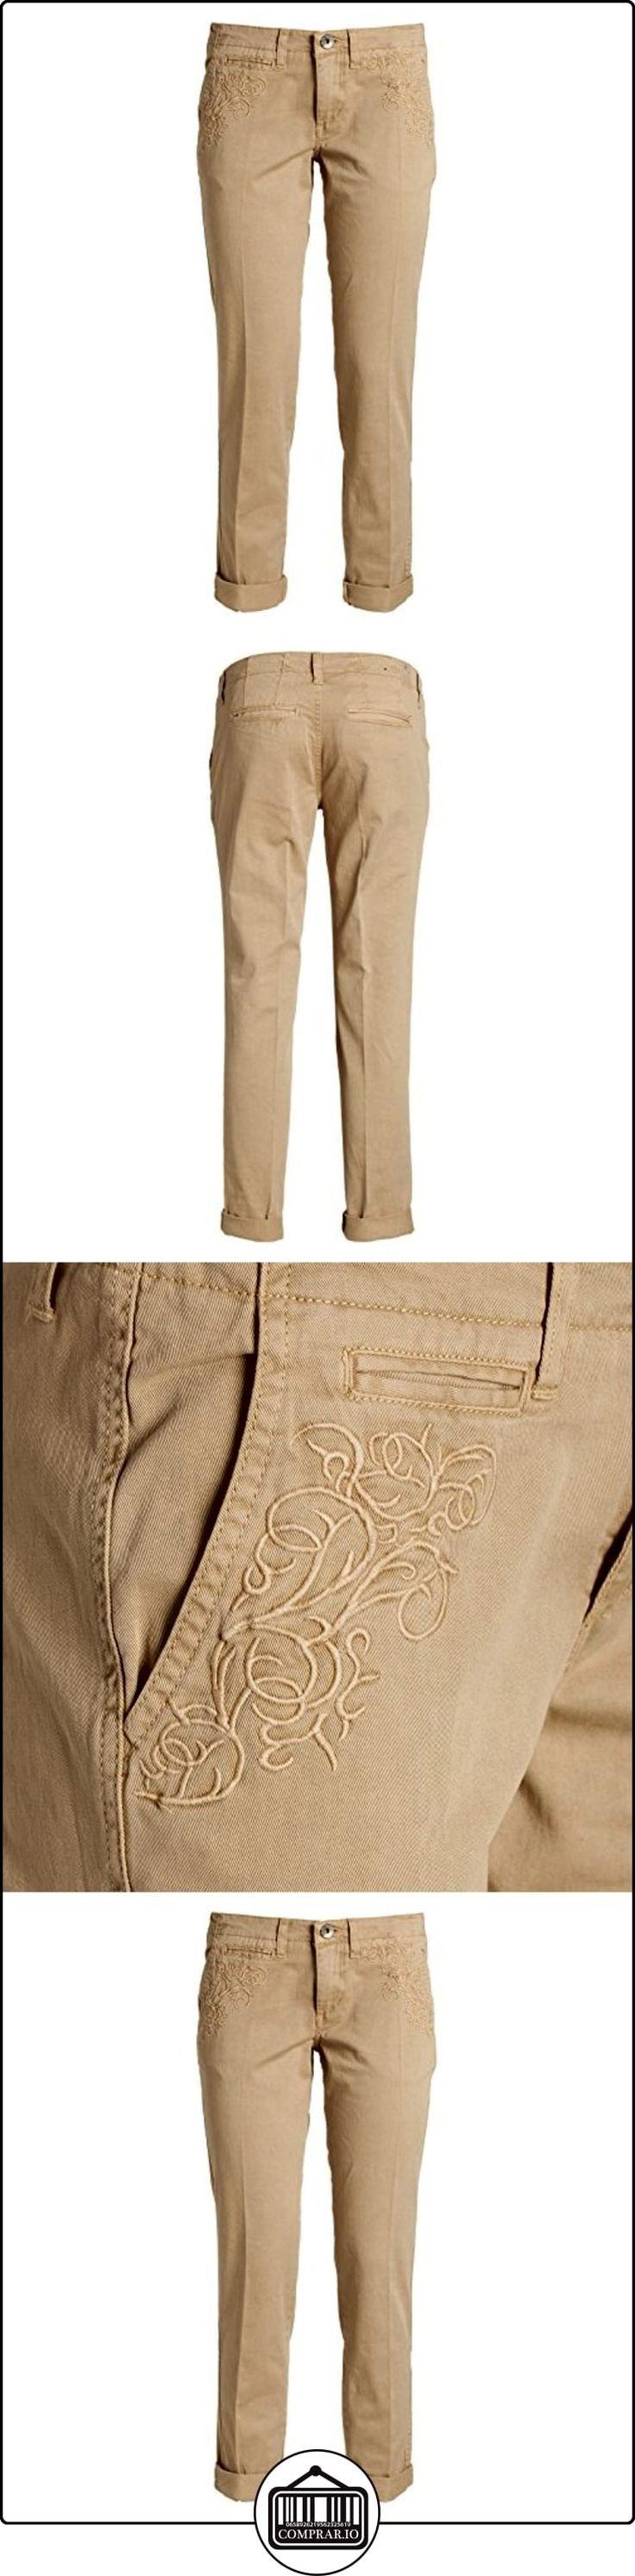 Guess Berta Chino, Pantalones para Mujer, Beige, W25  ✿ Vaqueros ✿